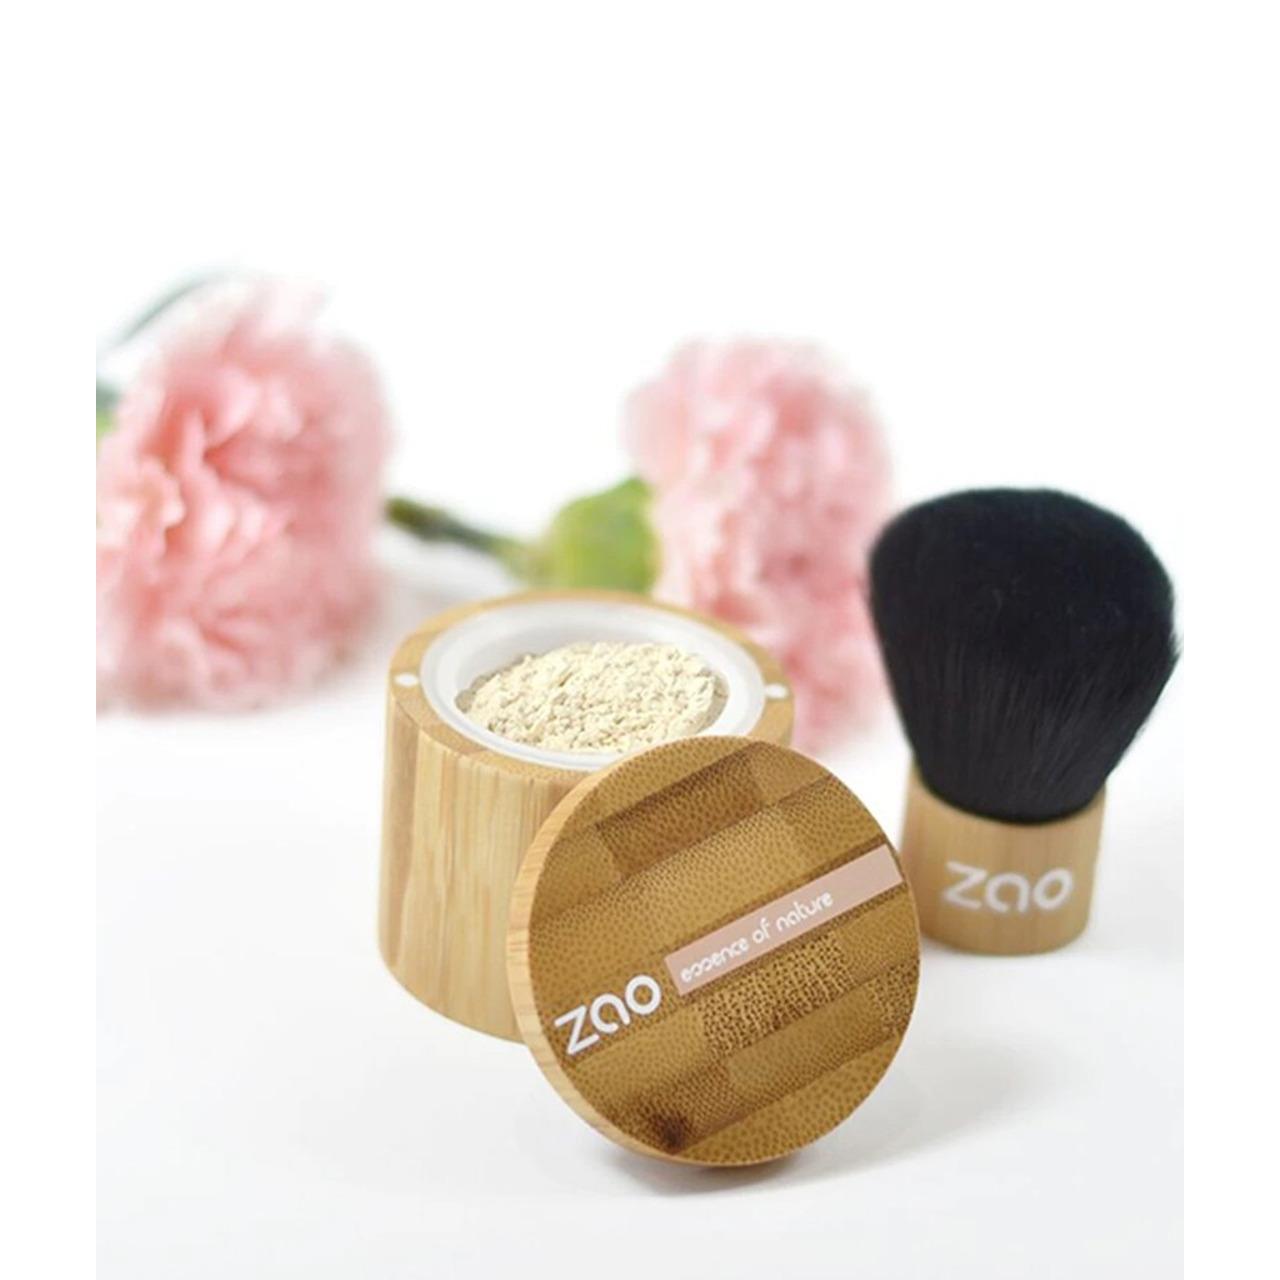 ZAO Organic - Mineral Silk - Прахообразен фон дьо тен - 15 гр.